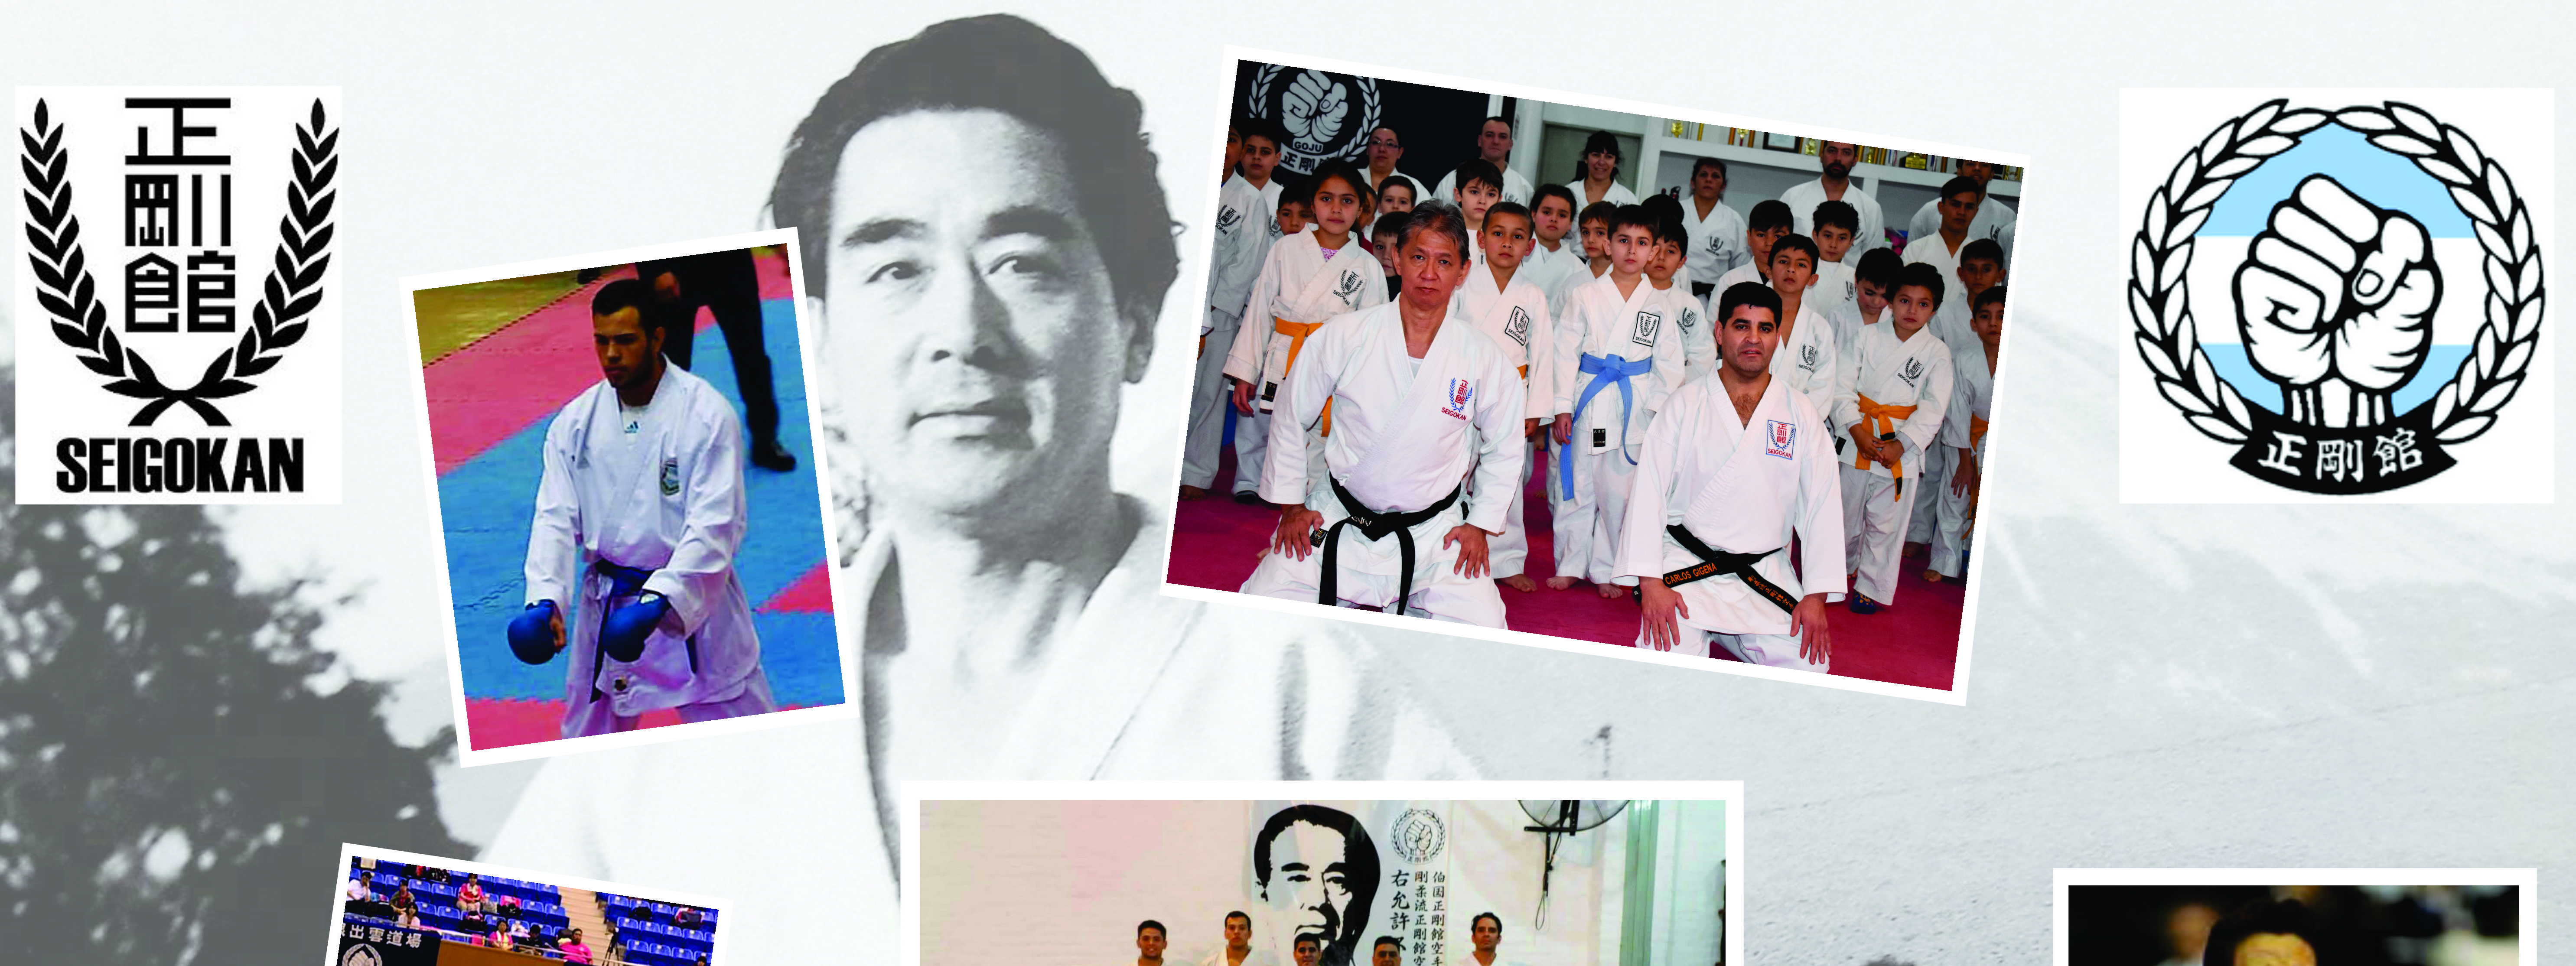 KARATE: La historia de la Goju Ryu Seigokan, un estilo surgido en la posguerra